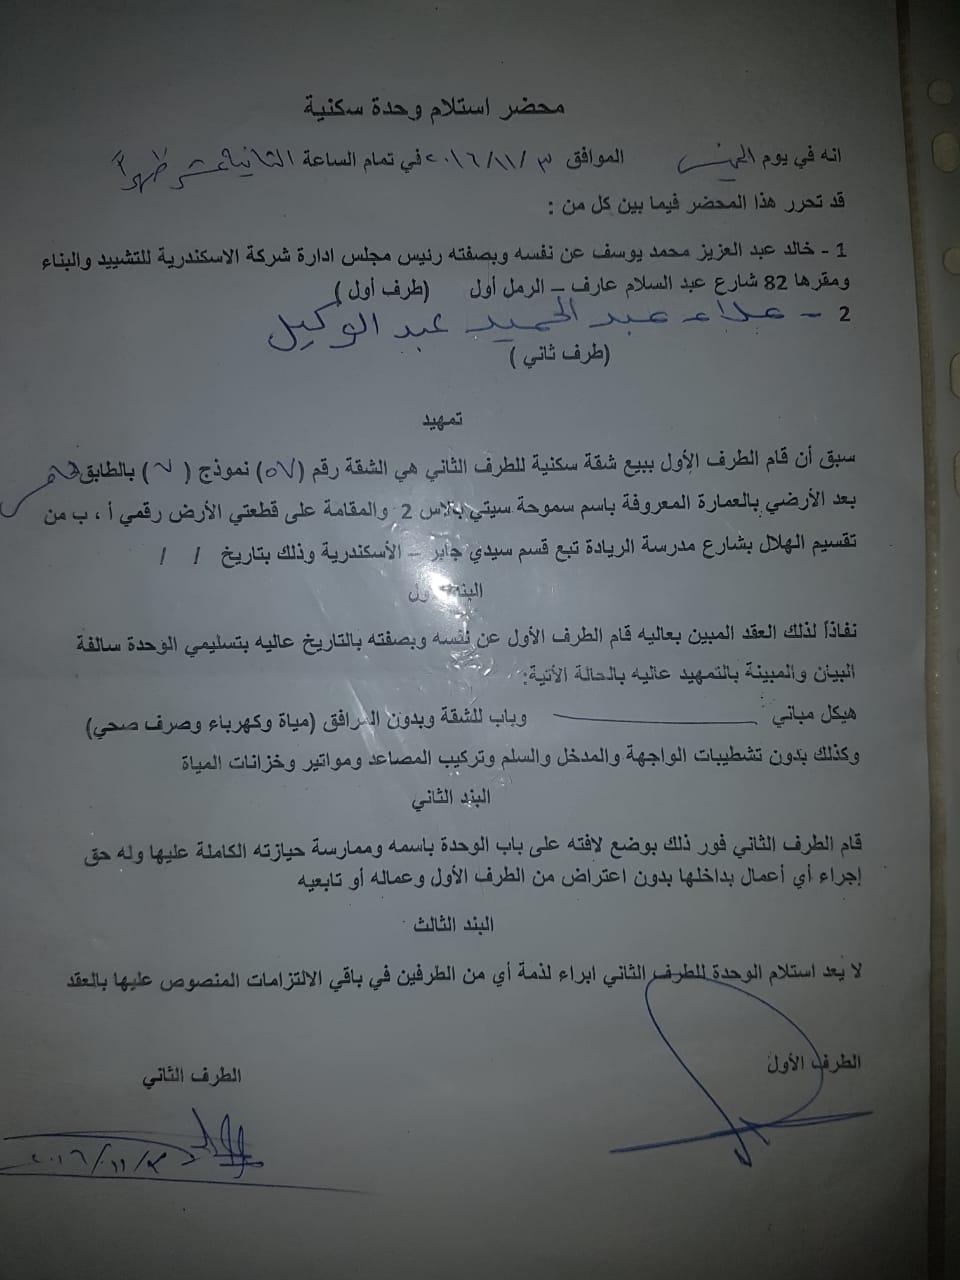 أزمة مشروع سيتي بالاس بالإسكندرية (5)